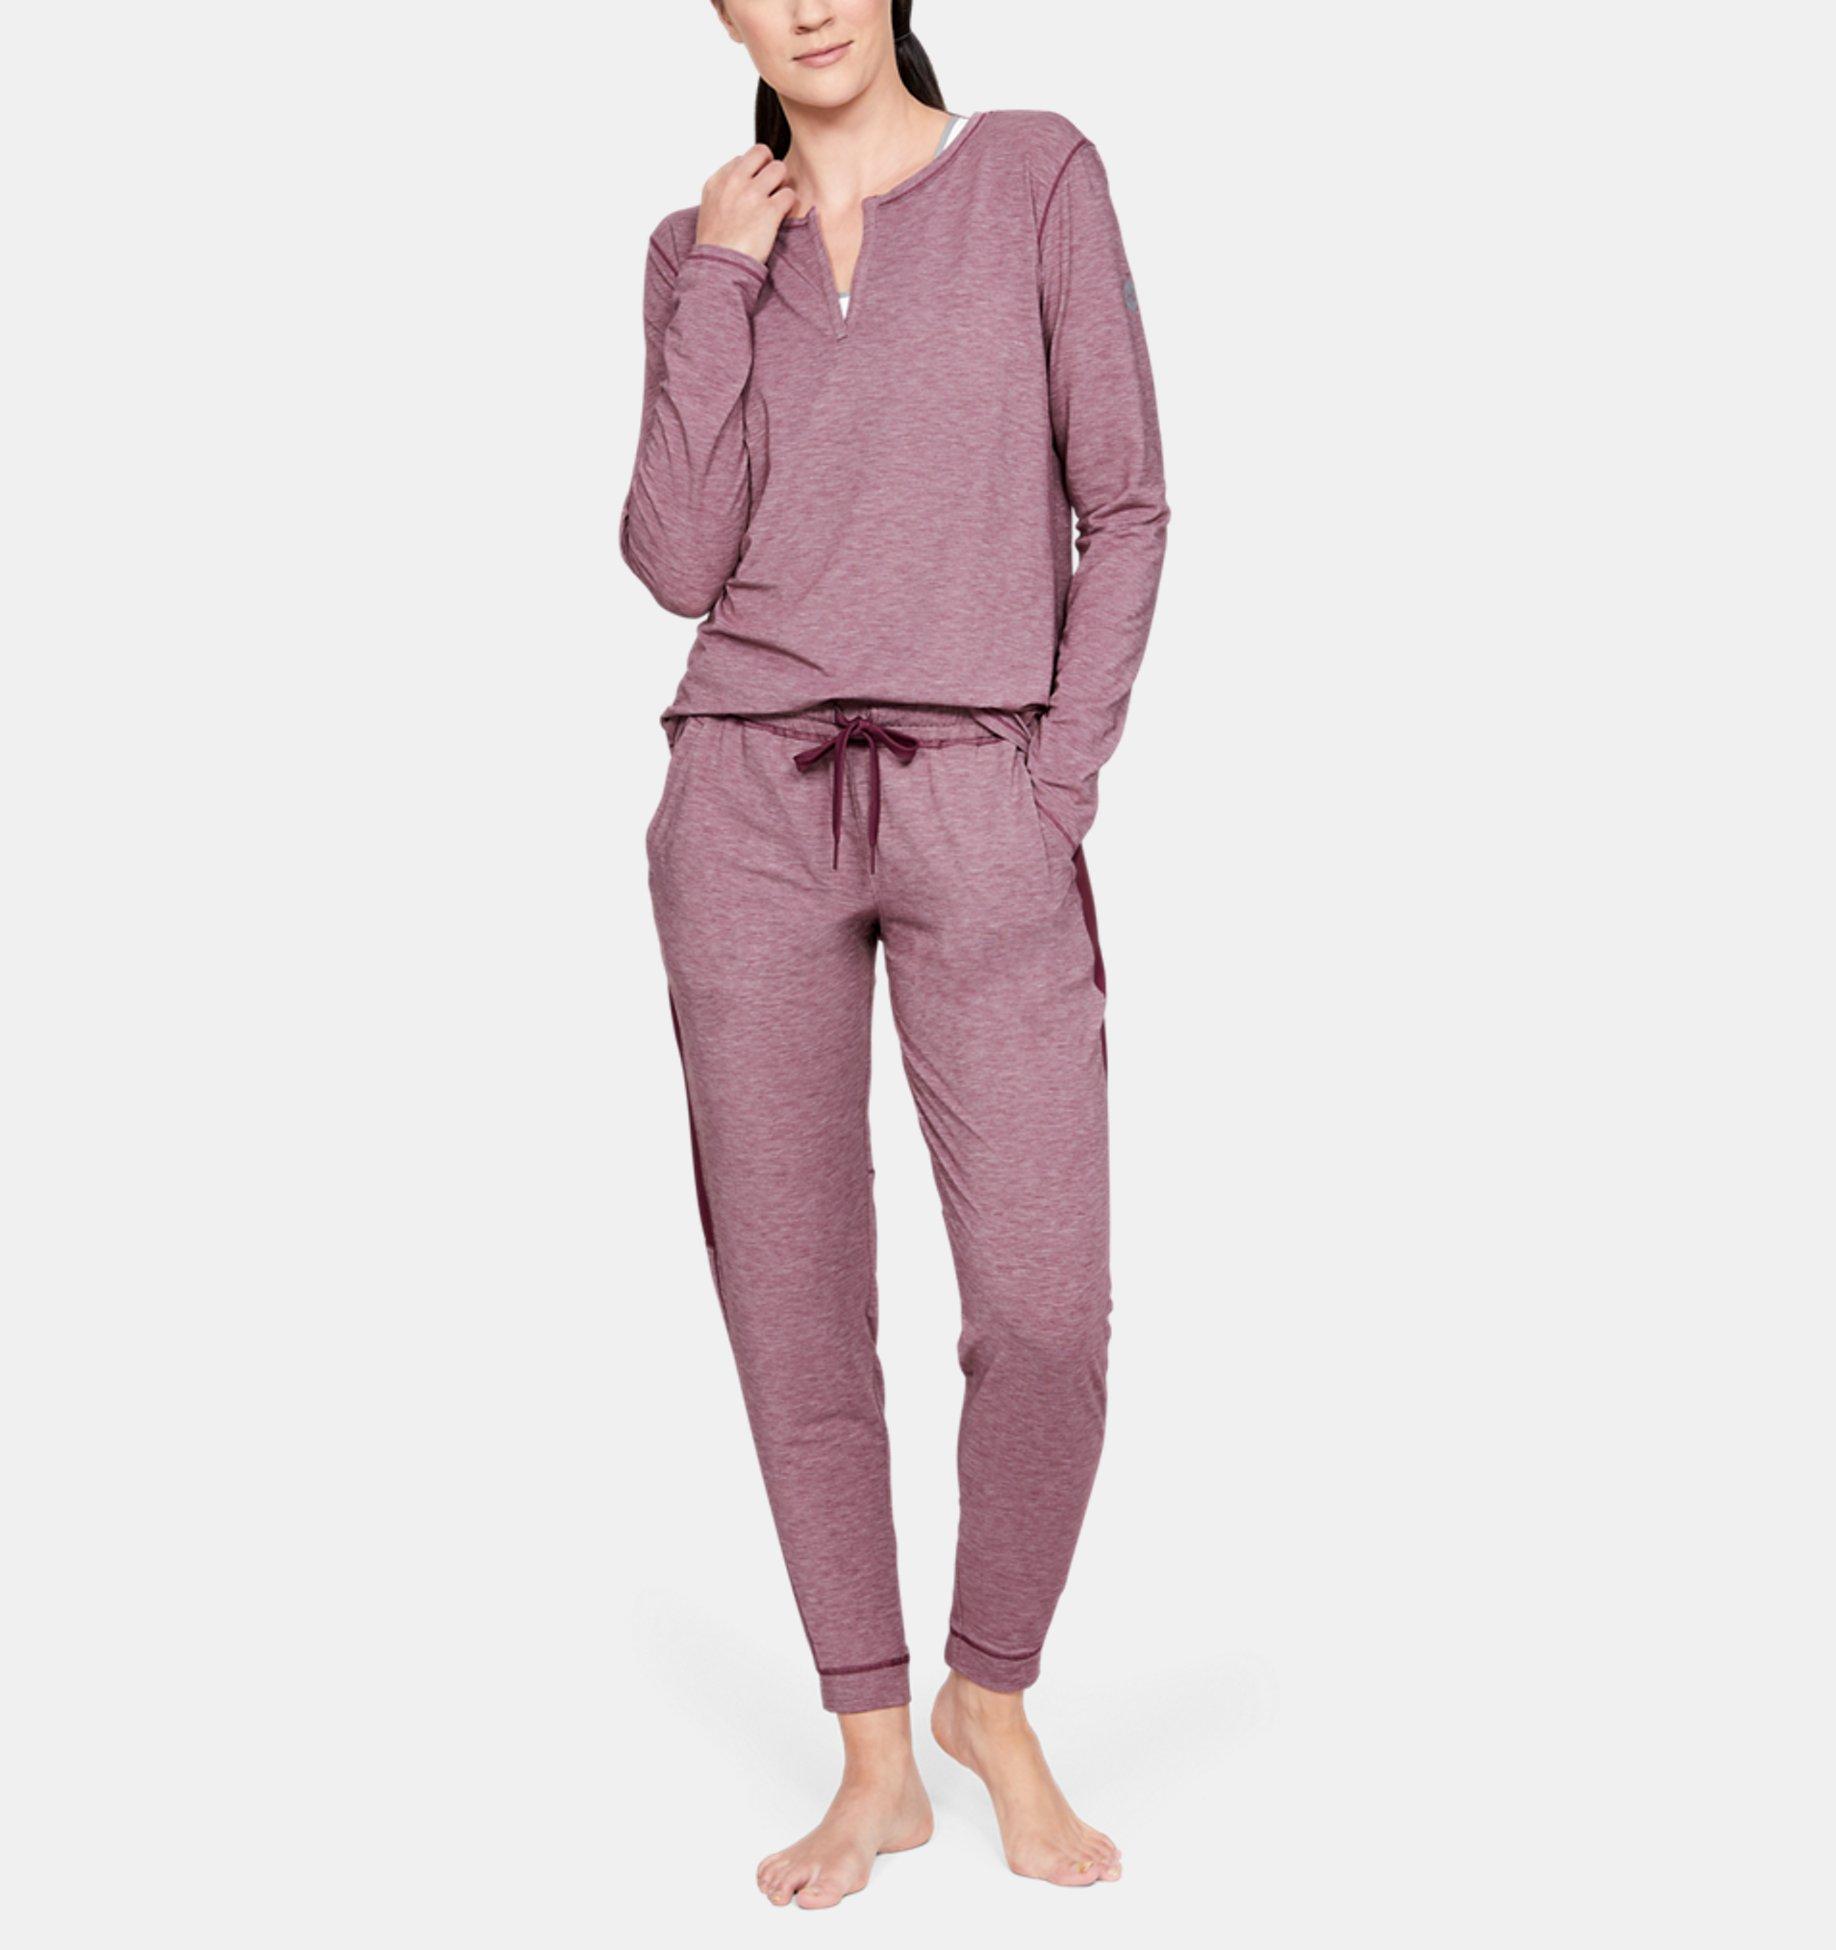 Pantalon Athlete Jogging Recovery FemmeUnder Pour De Sleepwear™ dxrWCBQoeE